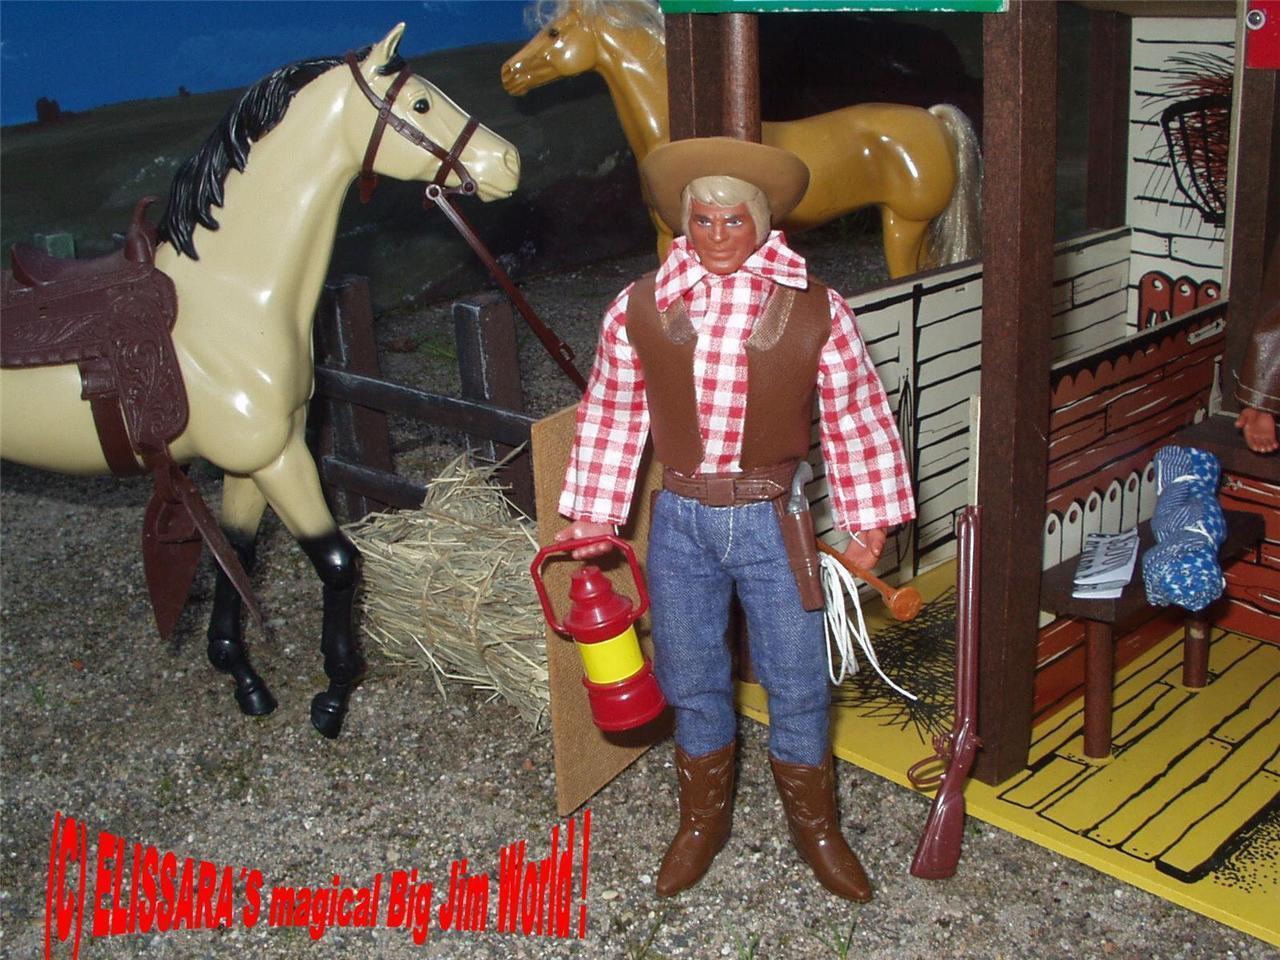 Big Jim, Karl May Winnetou, kund av CoWboy med varumärke Västra Mattel